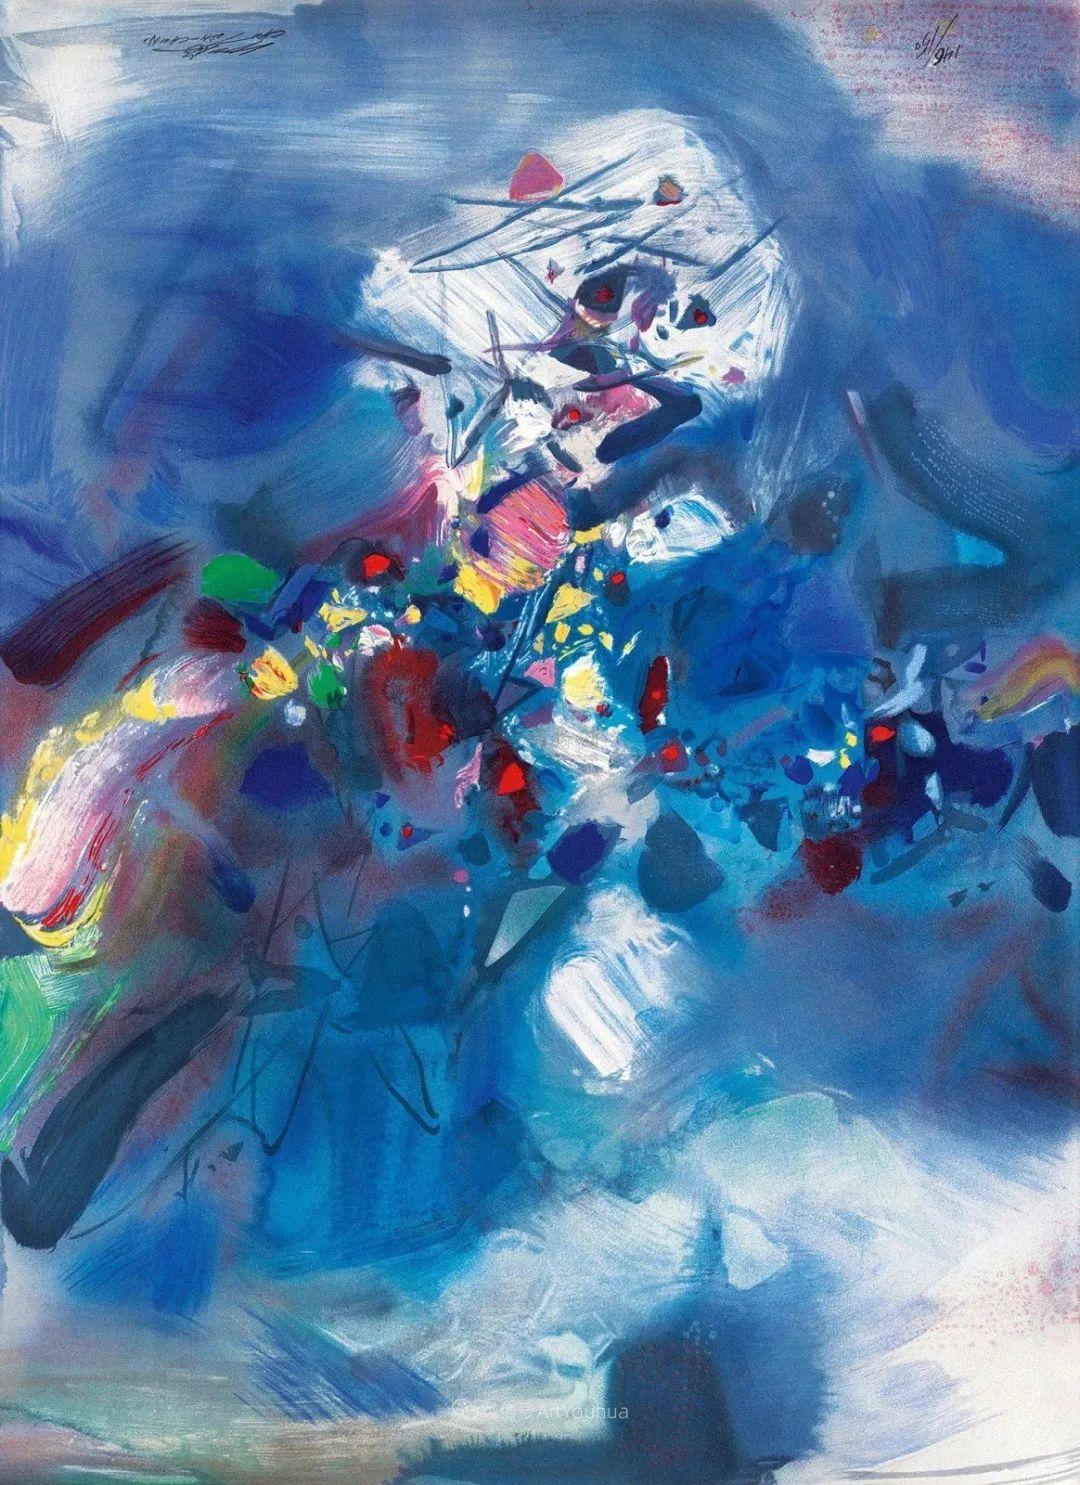 以色彩写诗,具象转抽象,朱德群作品欣赏 (高清)插图13